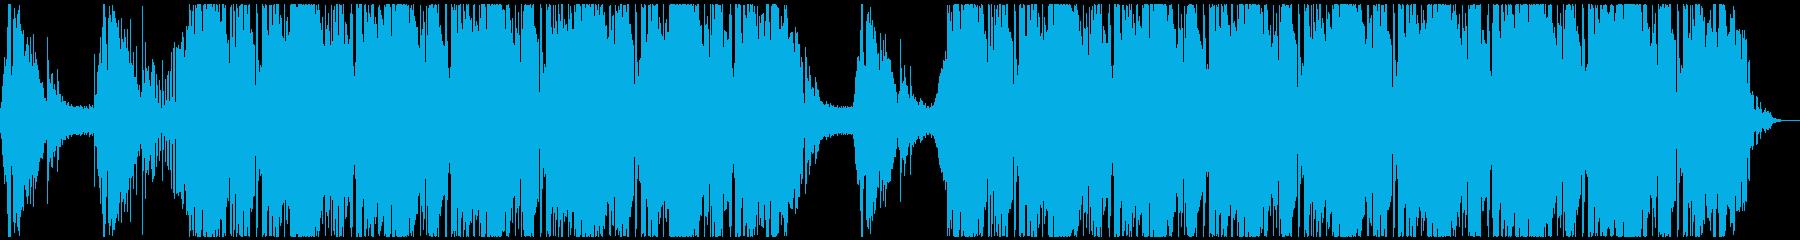 エレキギターの音色が幻想的なHIPHOPの再生済みの波形